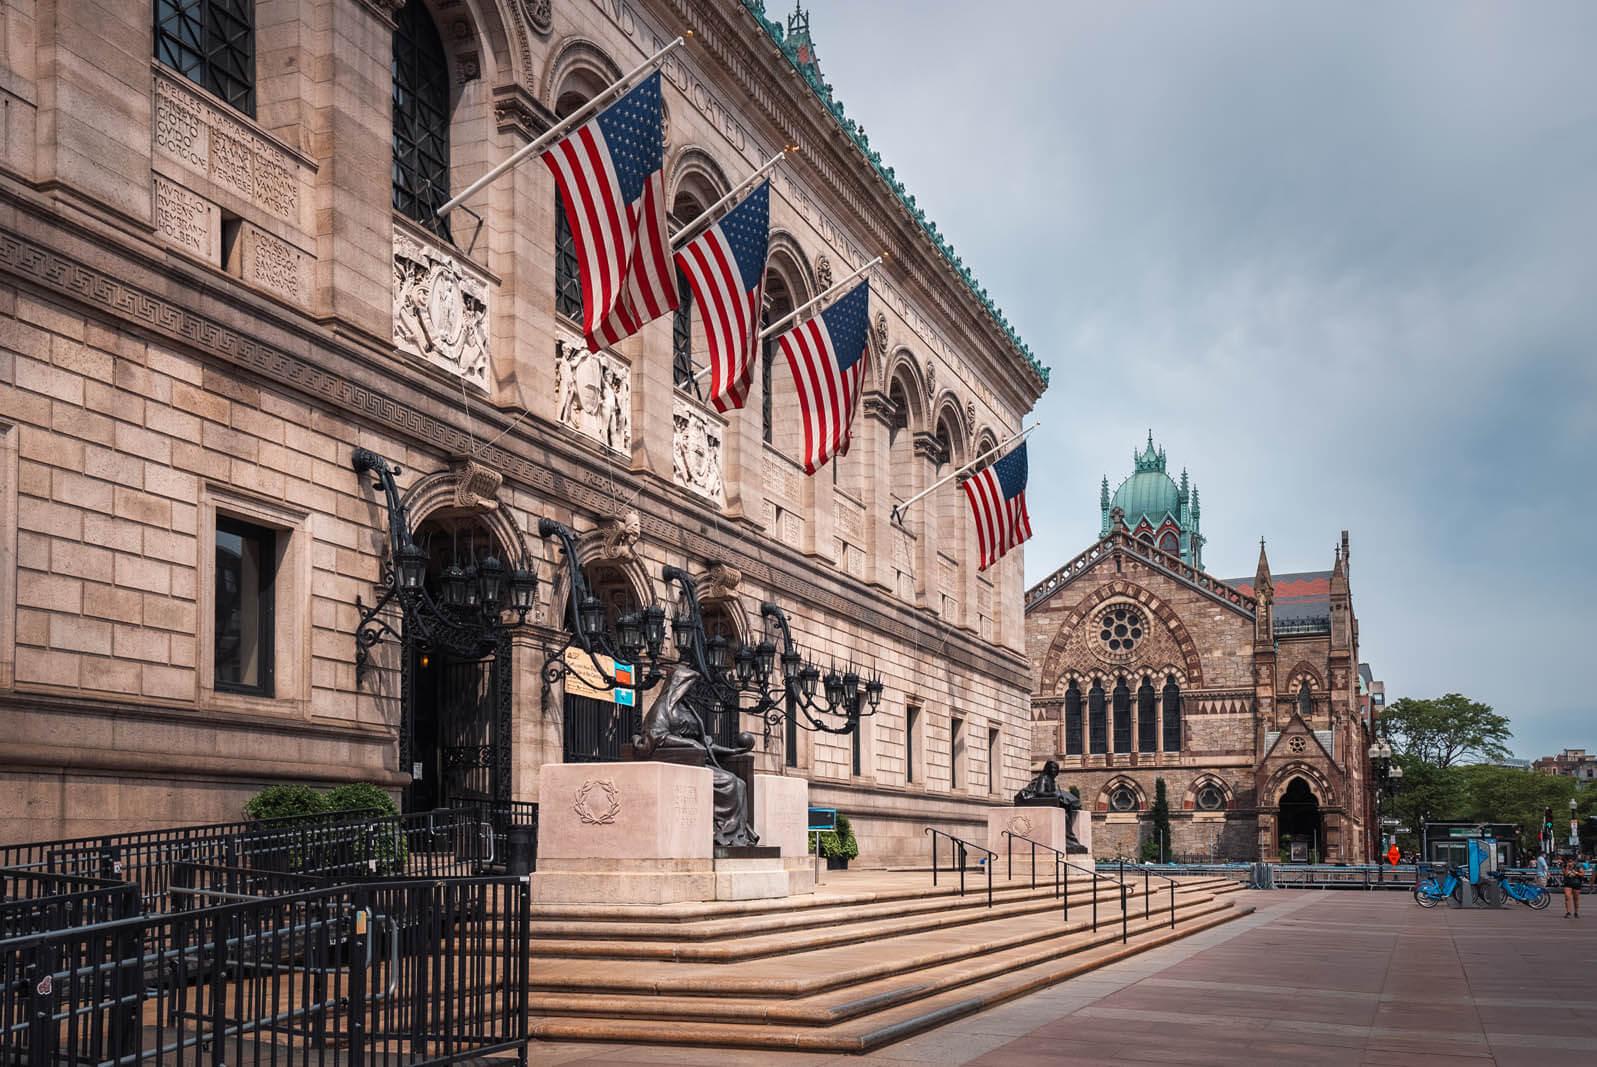 Boston Public Library in Copley Square